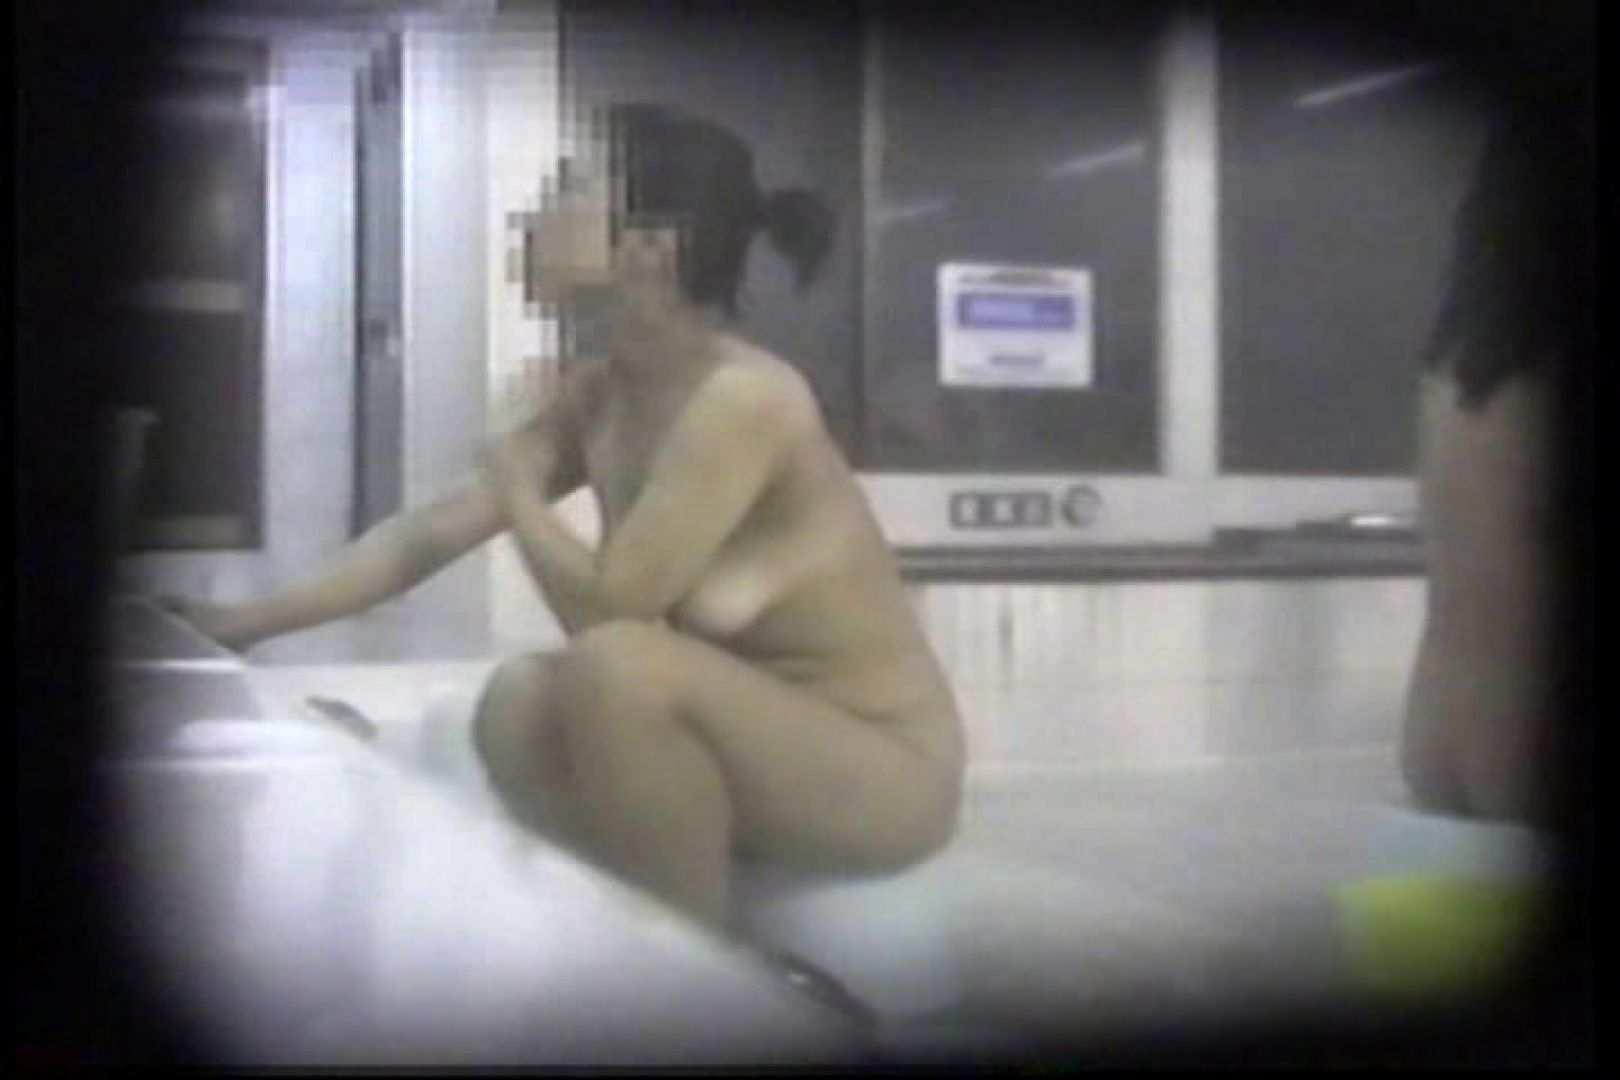 洗面器にカメラを仕込んで洗い場内を移動盗撮 TK-131 裸体  93PICs 34